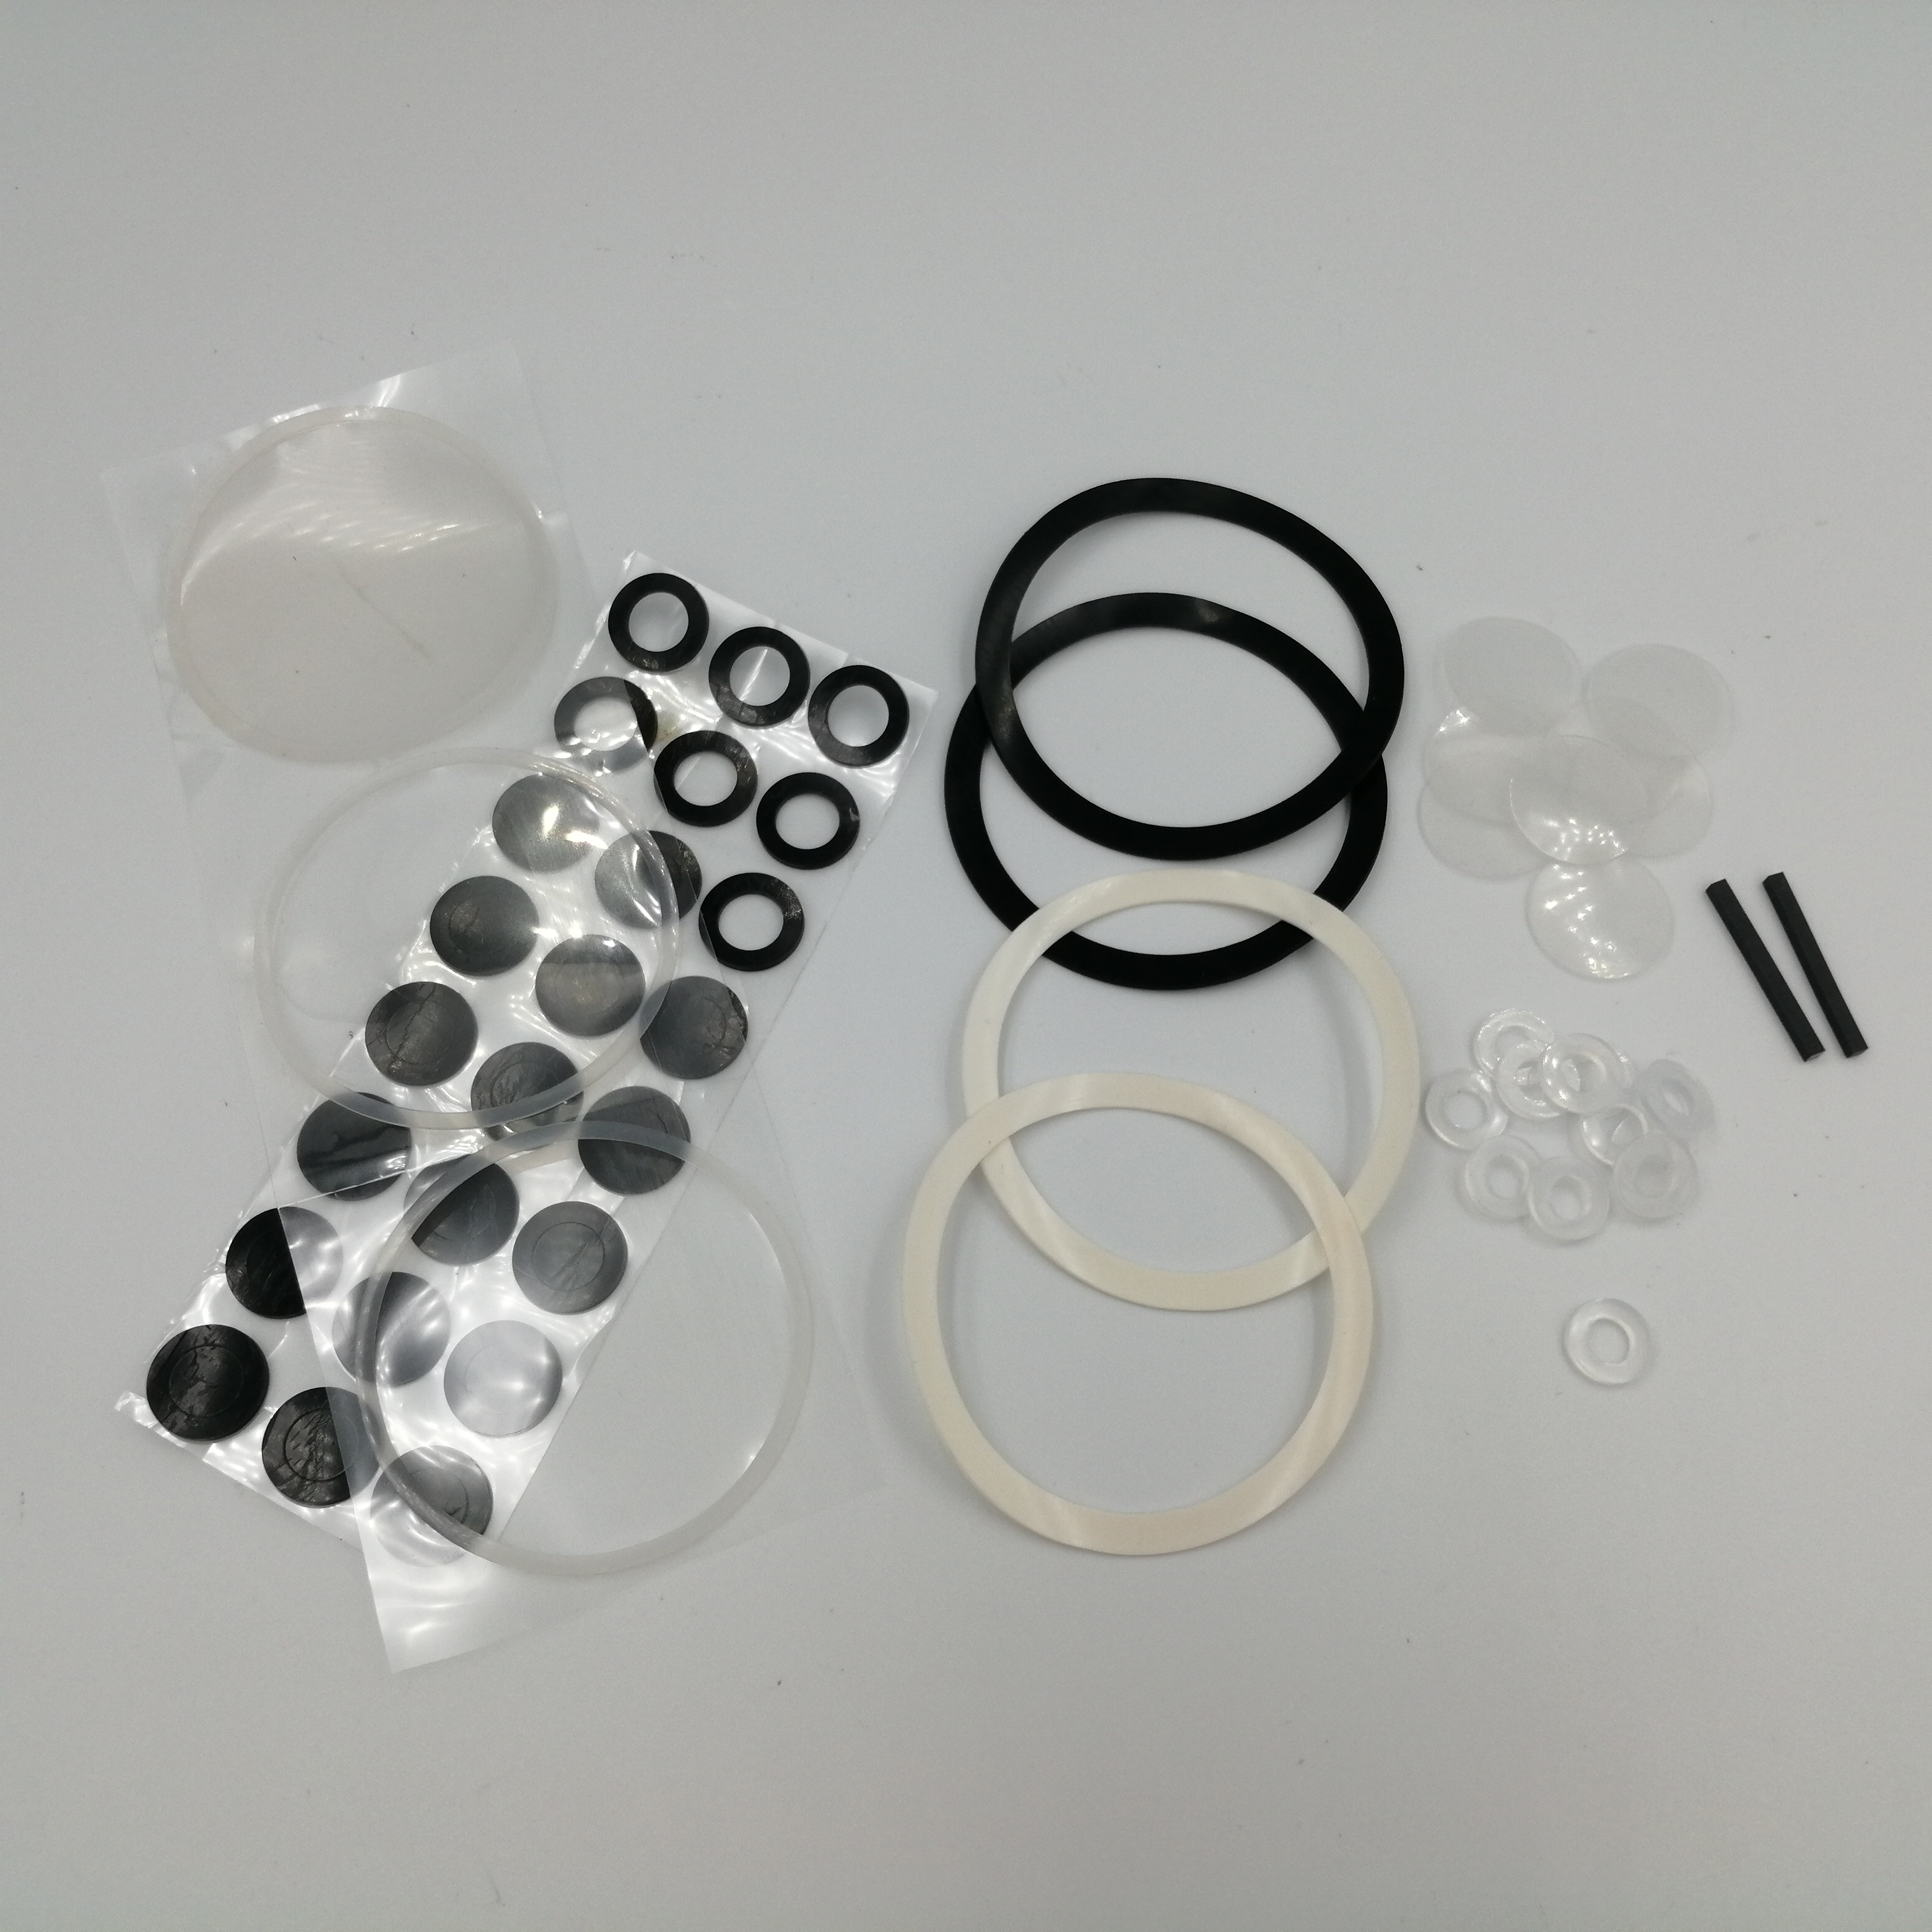 廠家定制手機支架防滑硅膠墊片網格紋硅膠腳墊透明防水密封硅膠圈